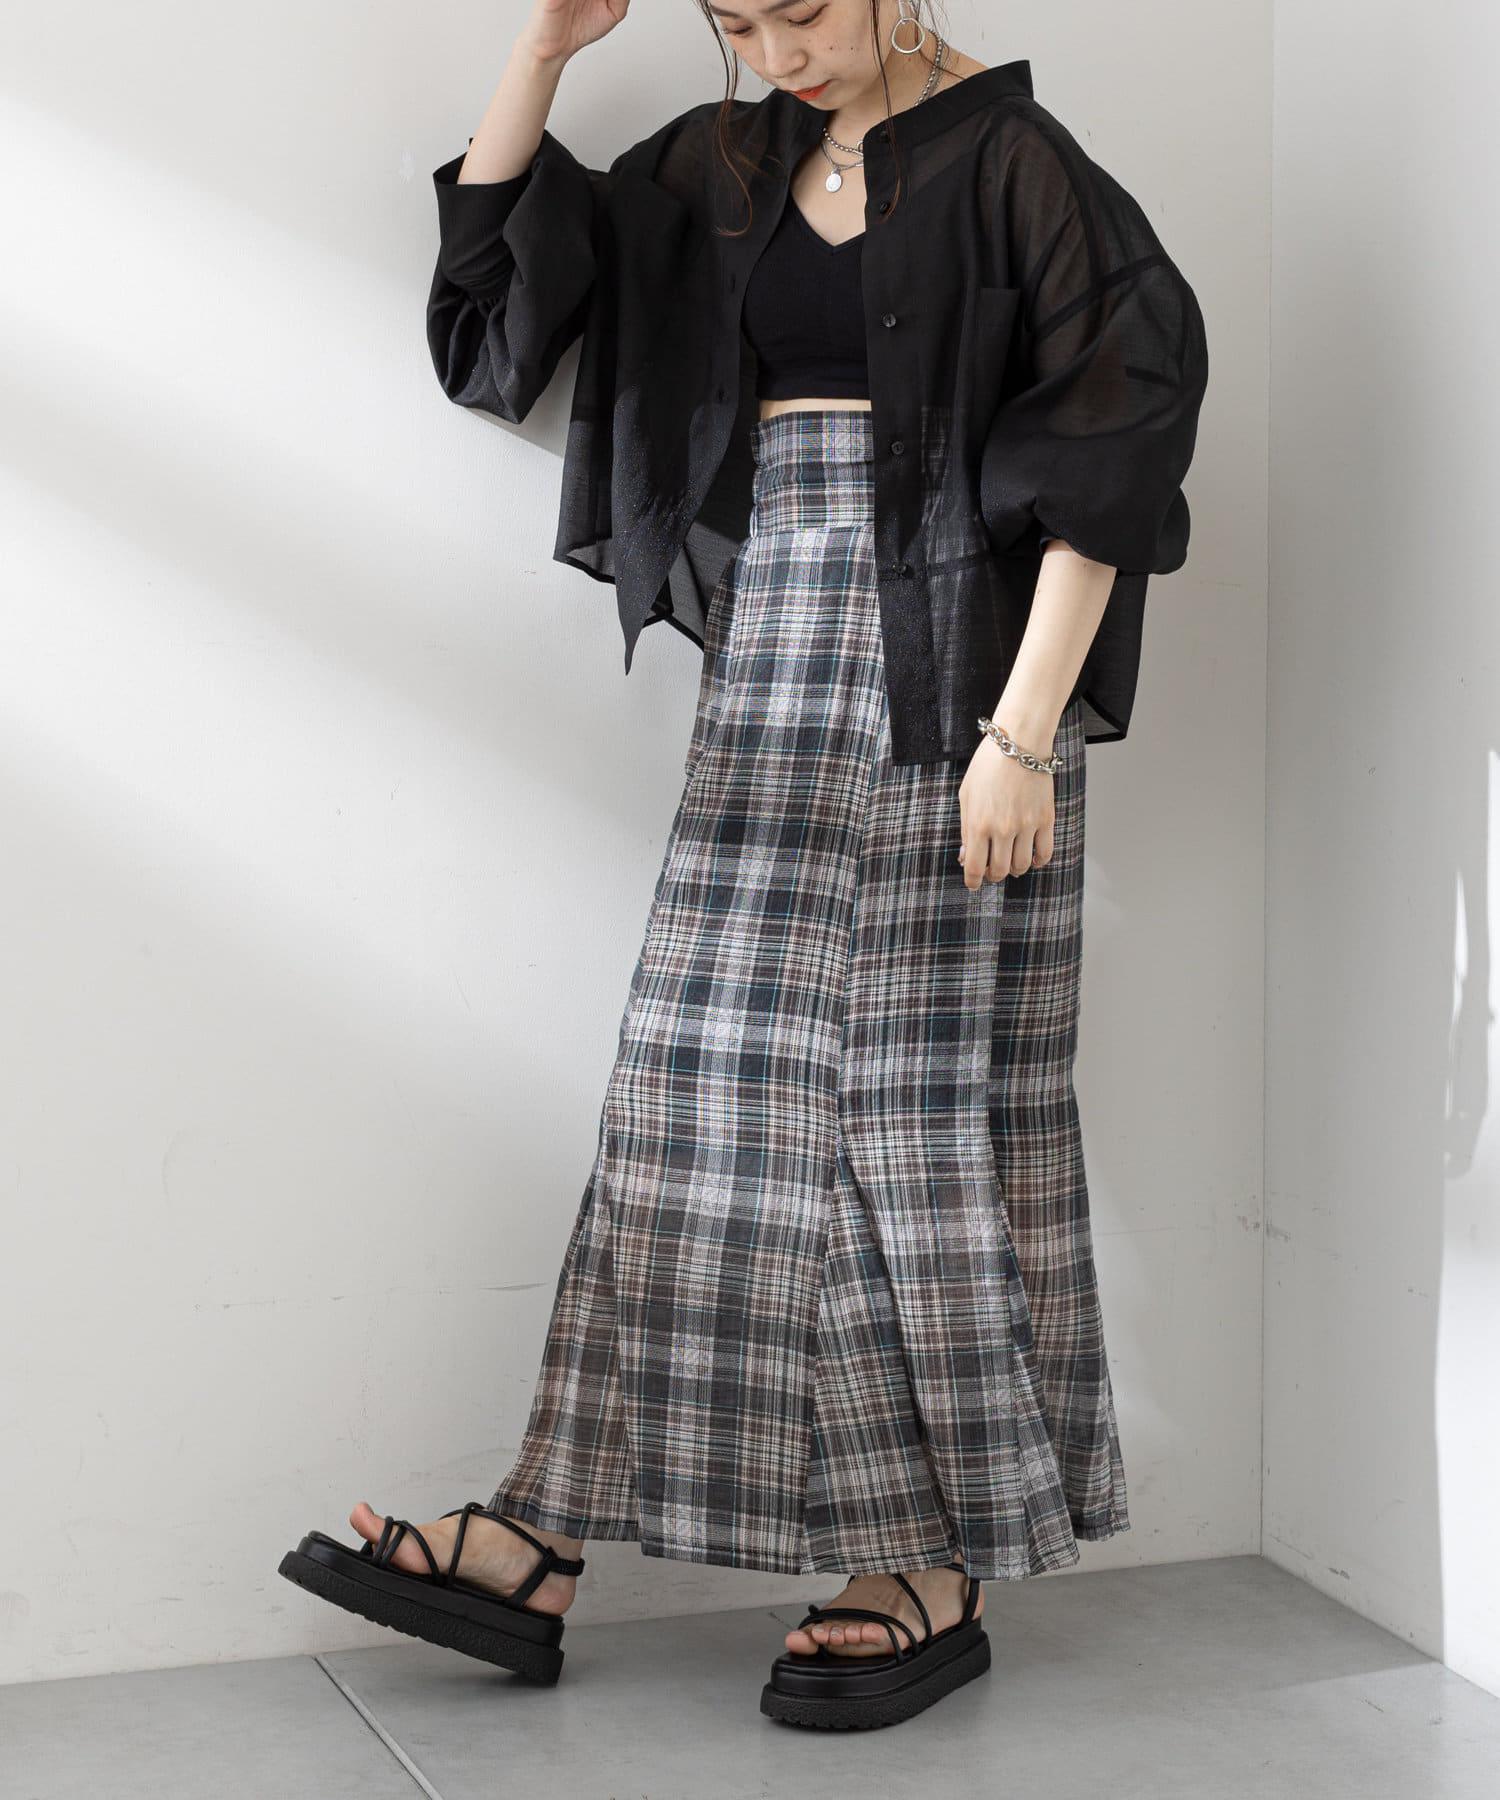 who's who Chico(フーズフーチコ) 5分袖シアーブロッキングシャツ